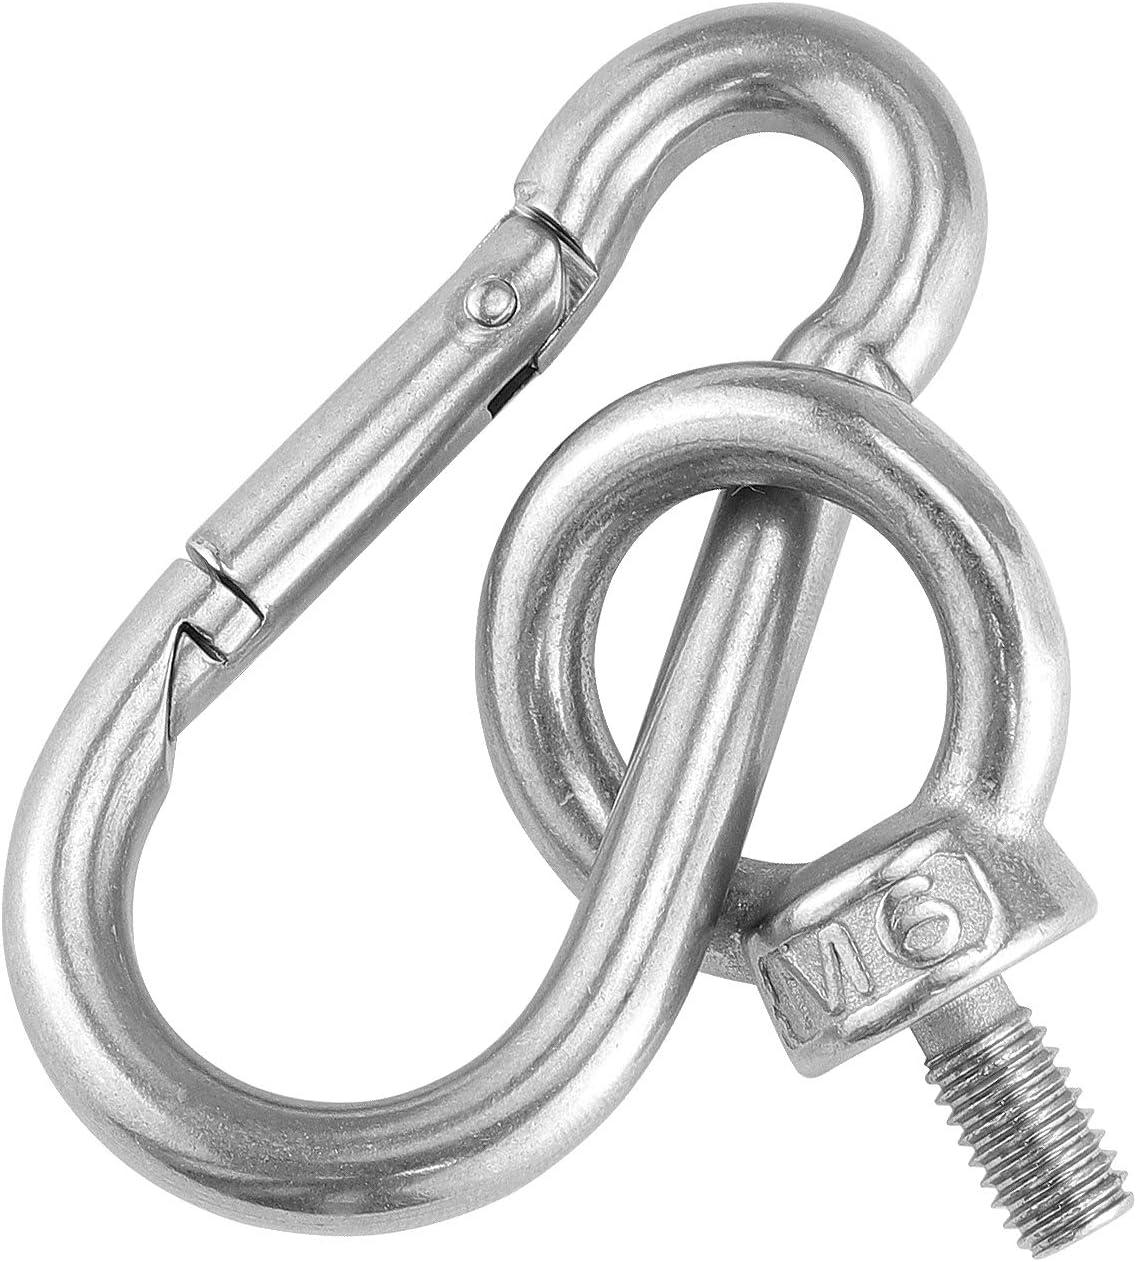 4 ojales para sujetar tu cuerda el/ástica o cuerdas de hasta 0,5 cm Hysagtek no utilizar para anclajes sin pista